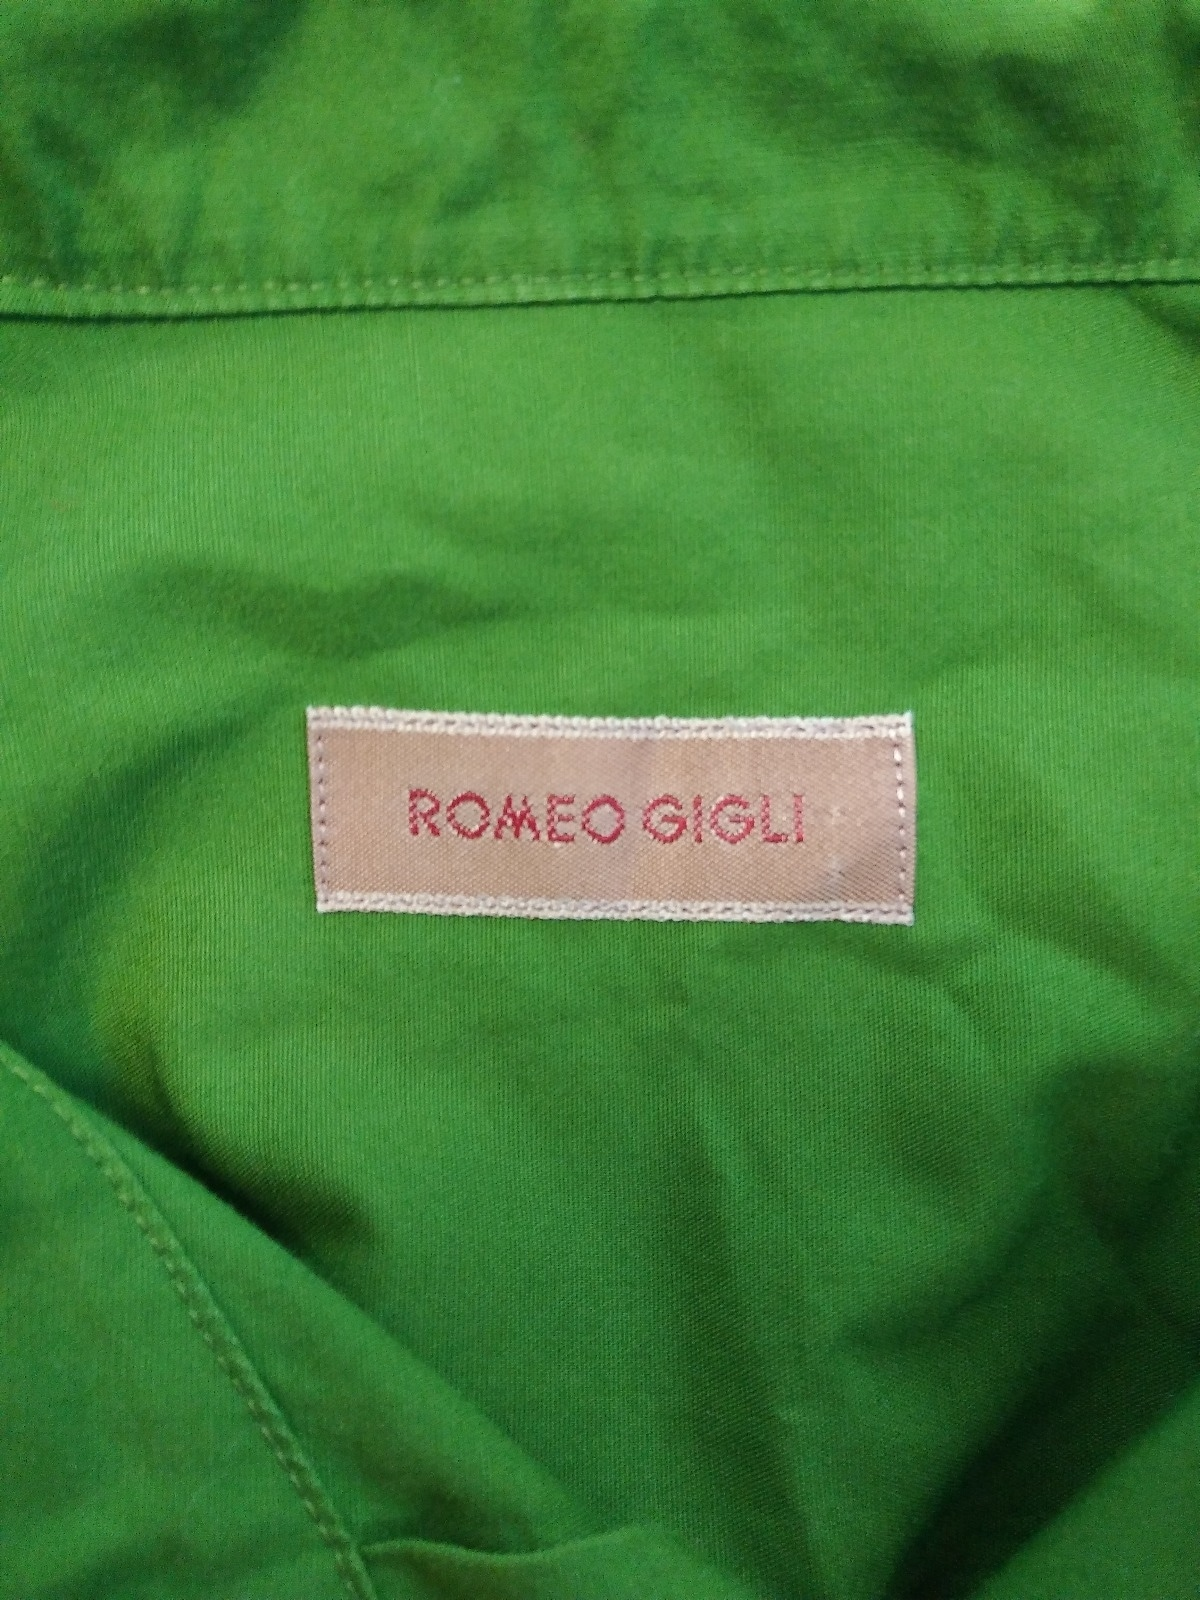 ROMEOGIGLI(ロメオジリ)のチュニック